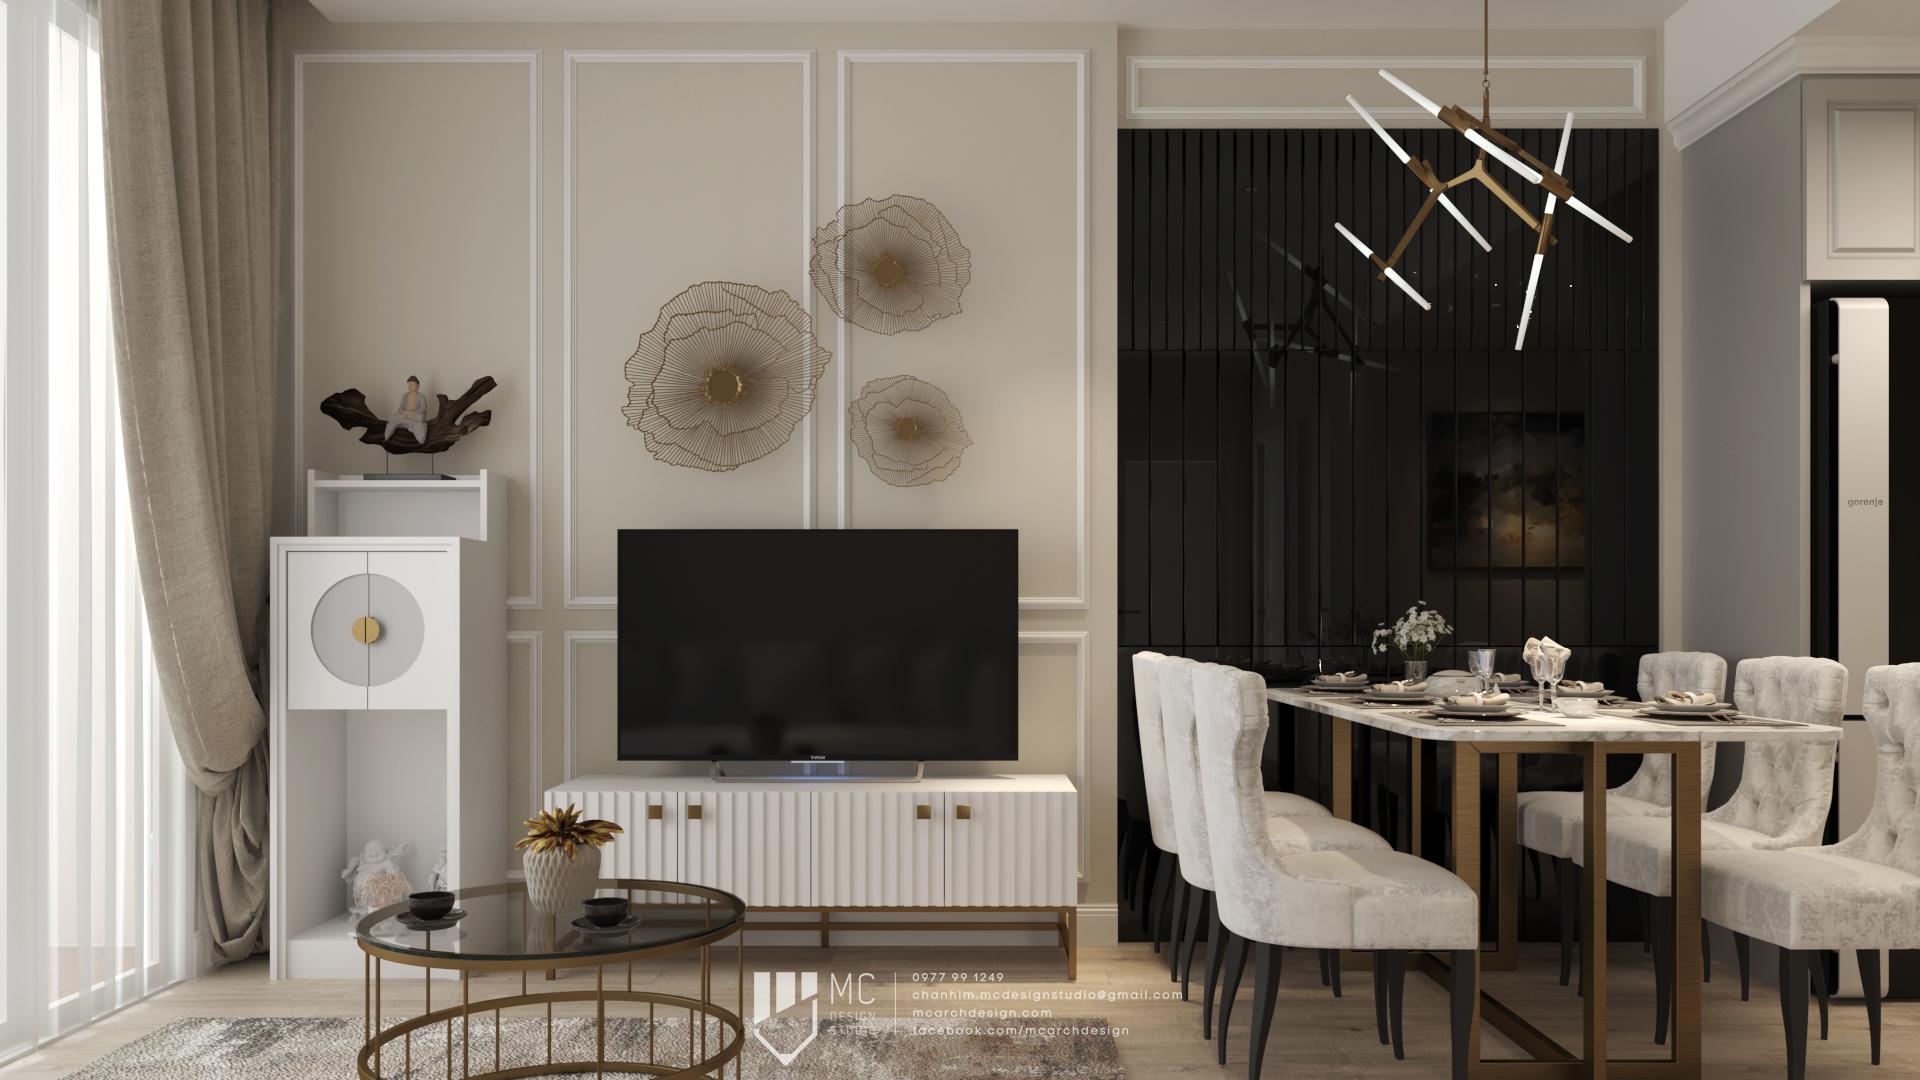 Thiết kế nội thất Chung Cư tại Hồ Chí Minh Vinhome Grand Park Apartment 1590742007 2